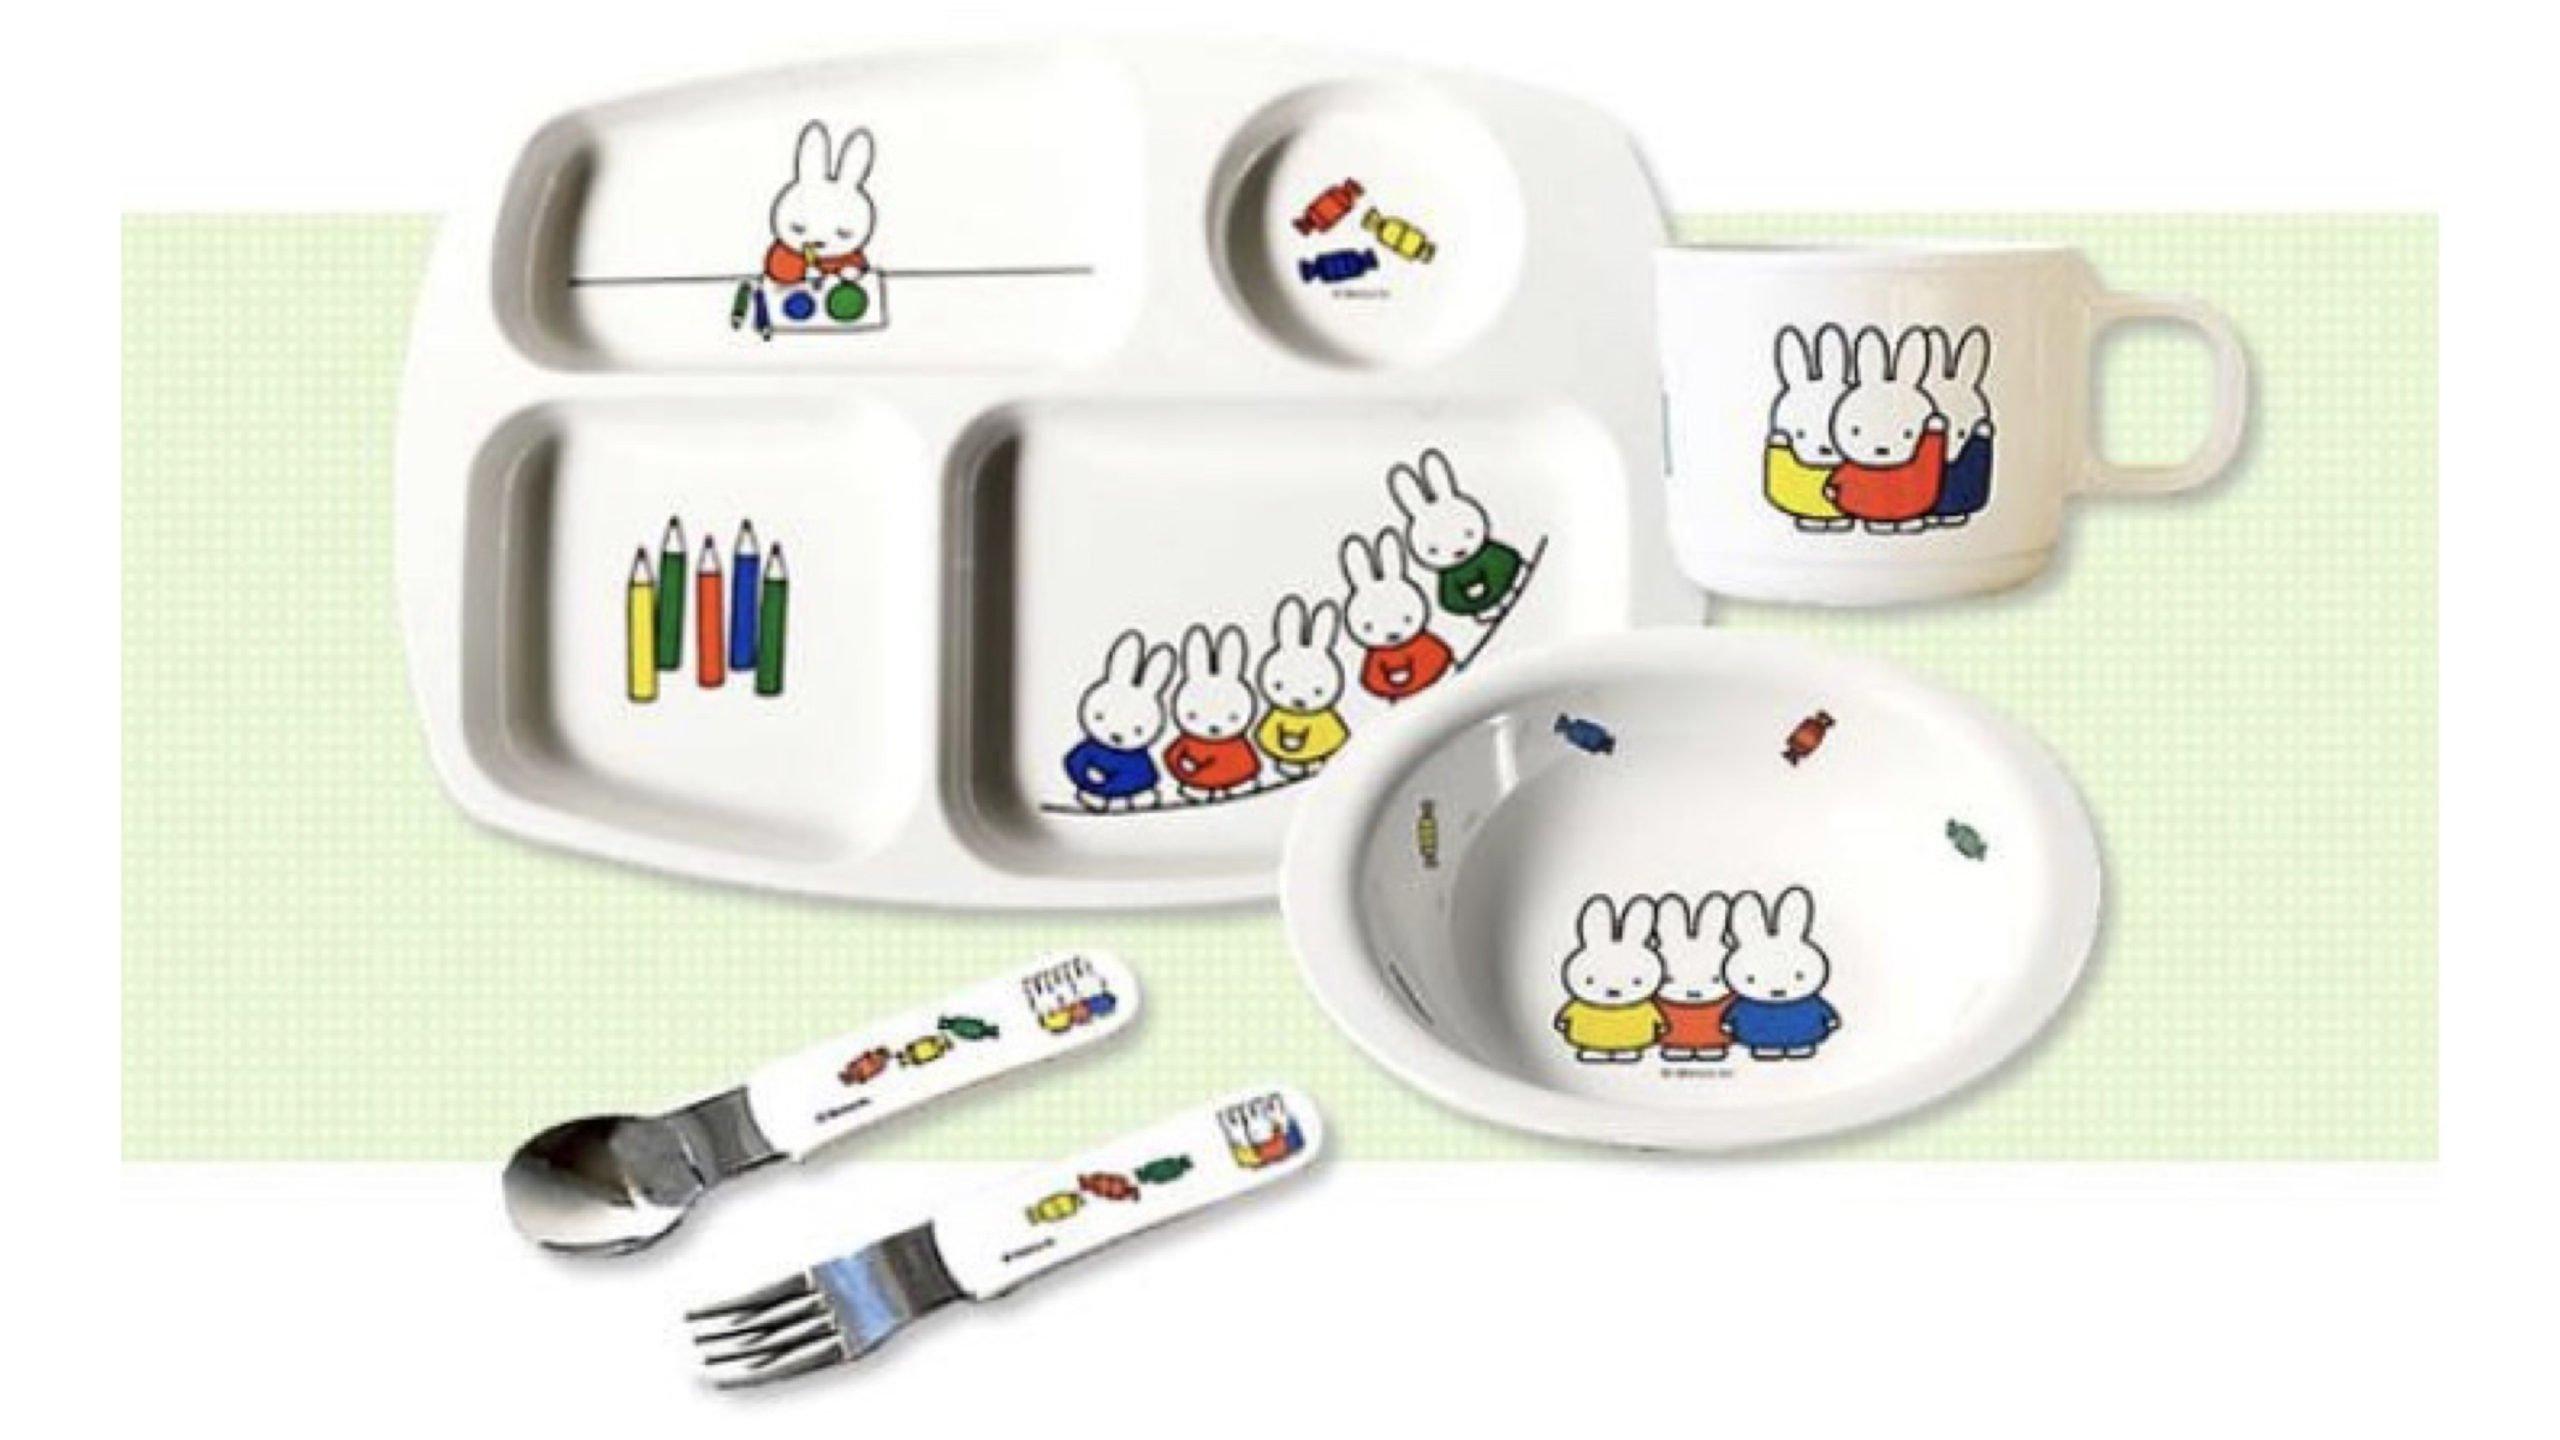 赤ちゃん&子ども用におすすめ!ミッフィーの食器人気5選